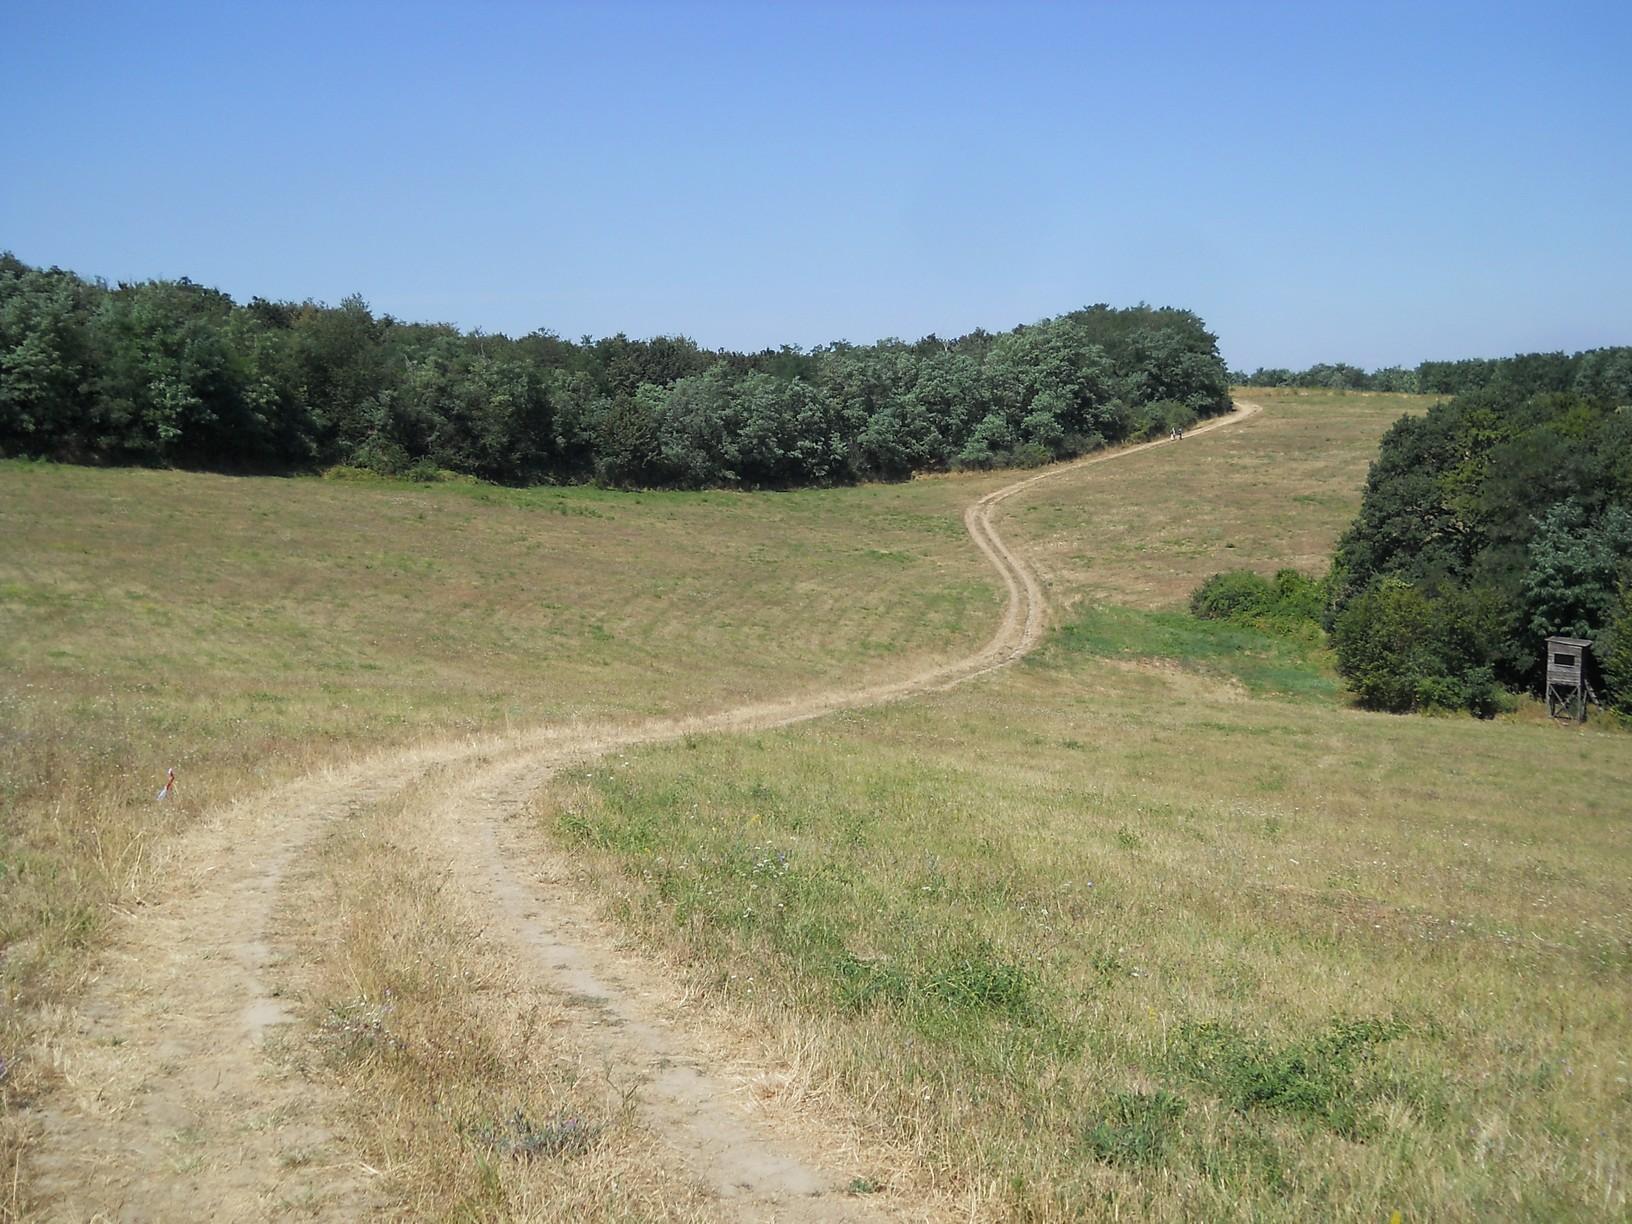 Széles kaszálókon át vezet az út Felsőpetény felé